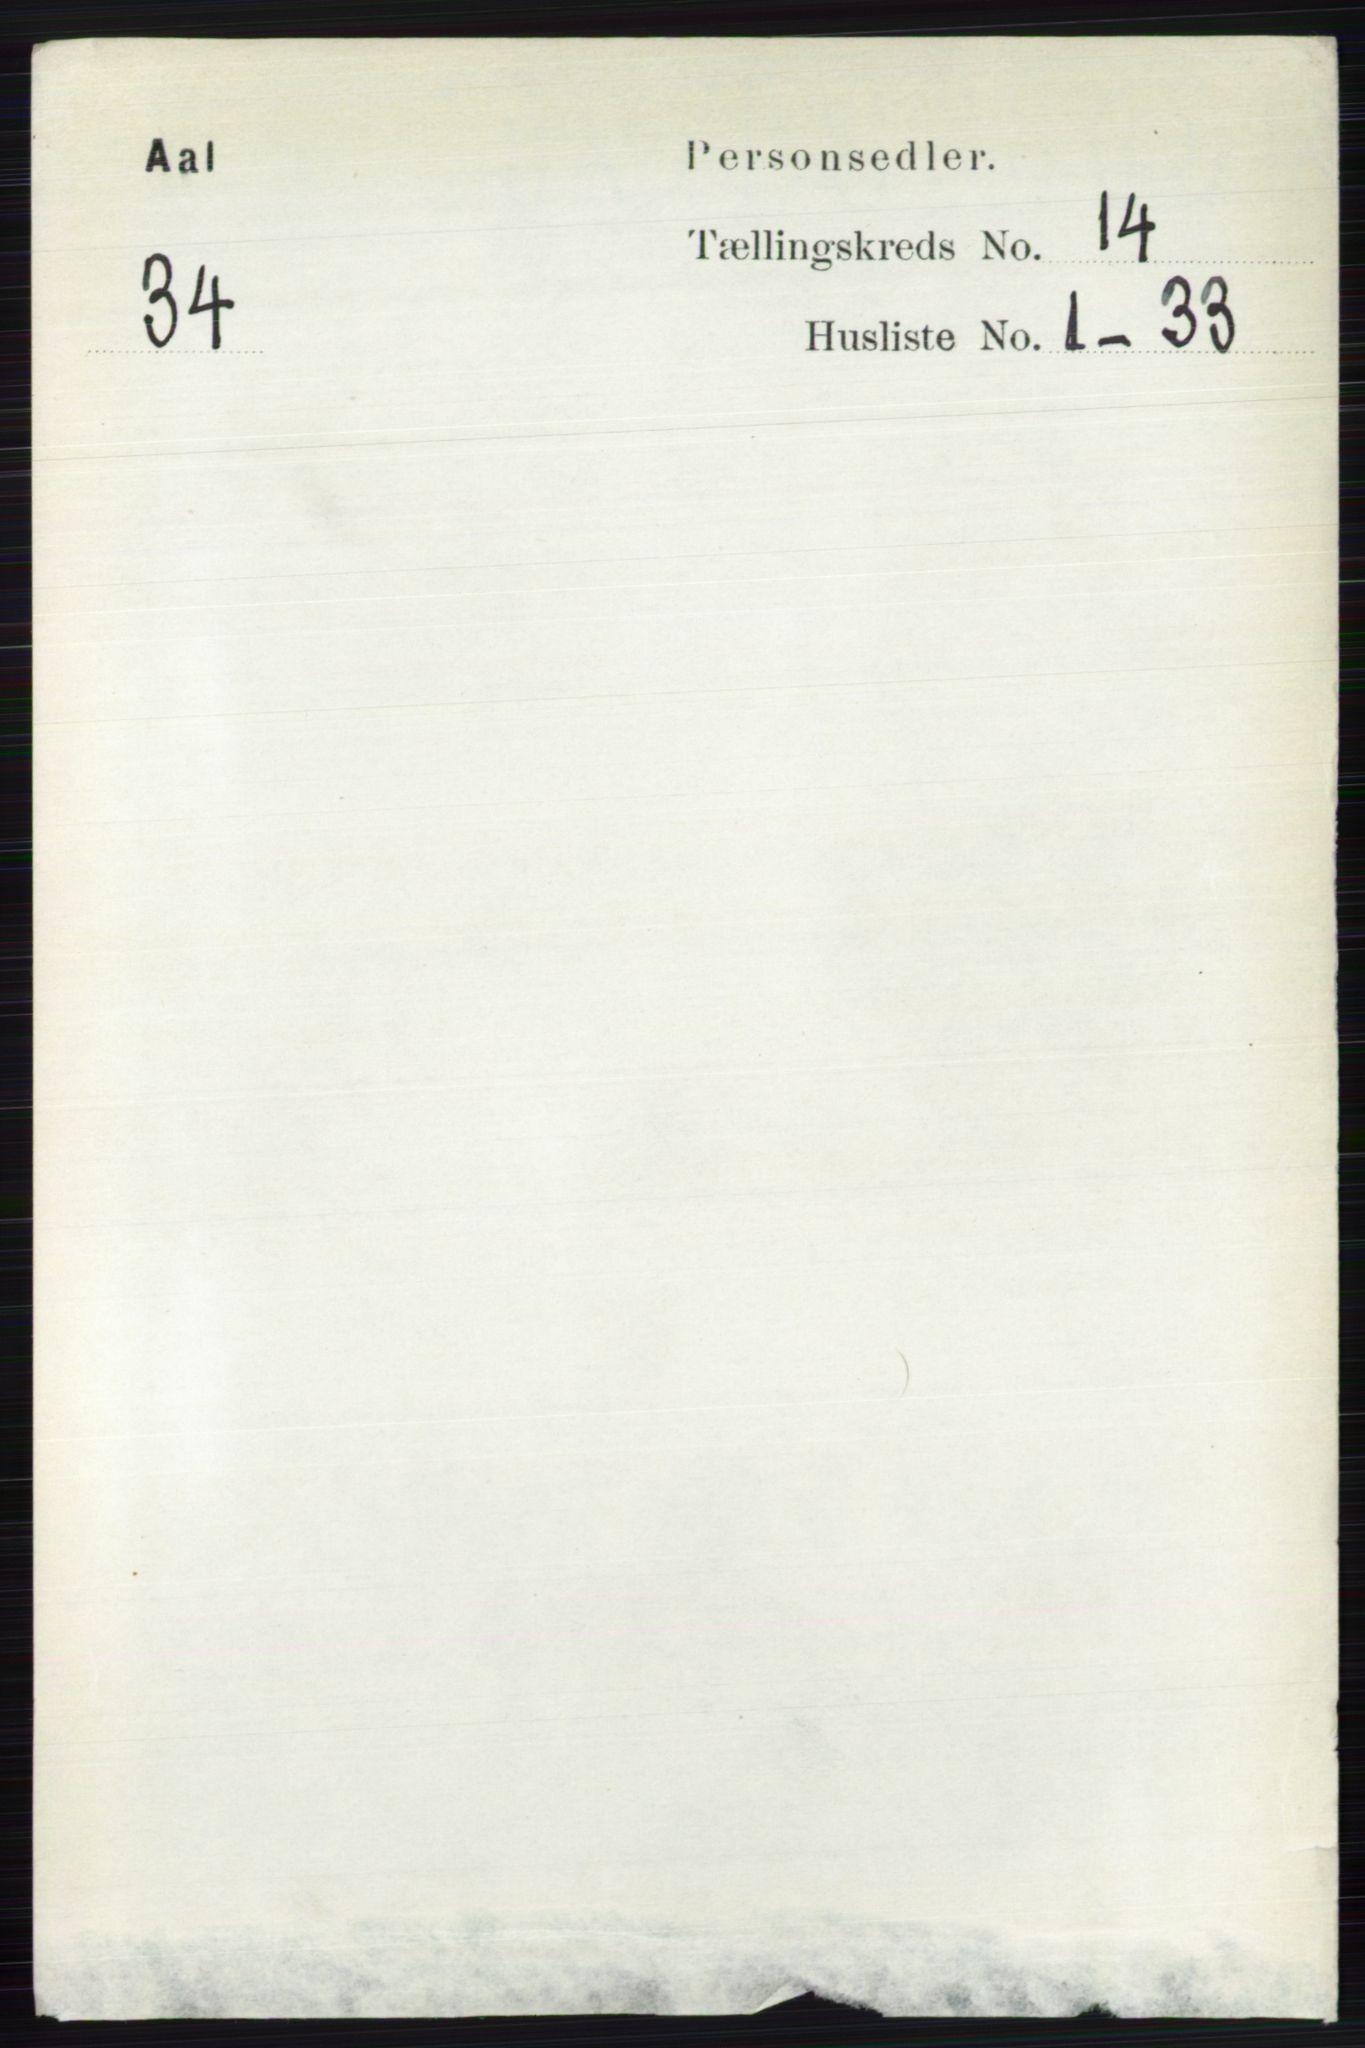 RA, Folketelling 1891 for 0619 Ål herred, 1891, s. 3542